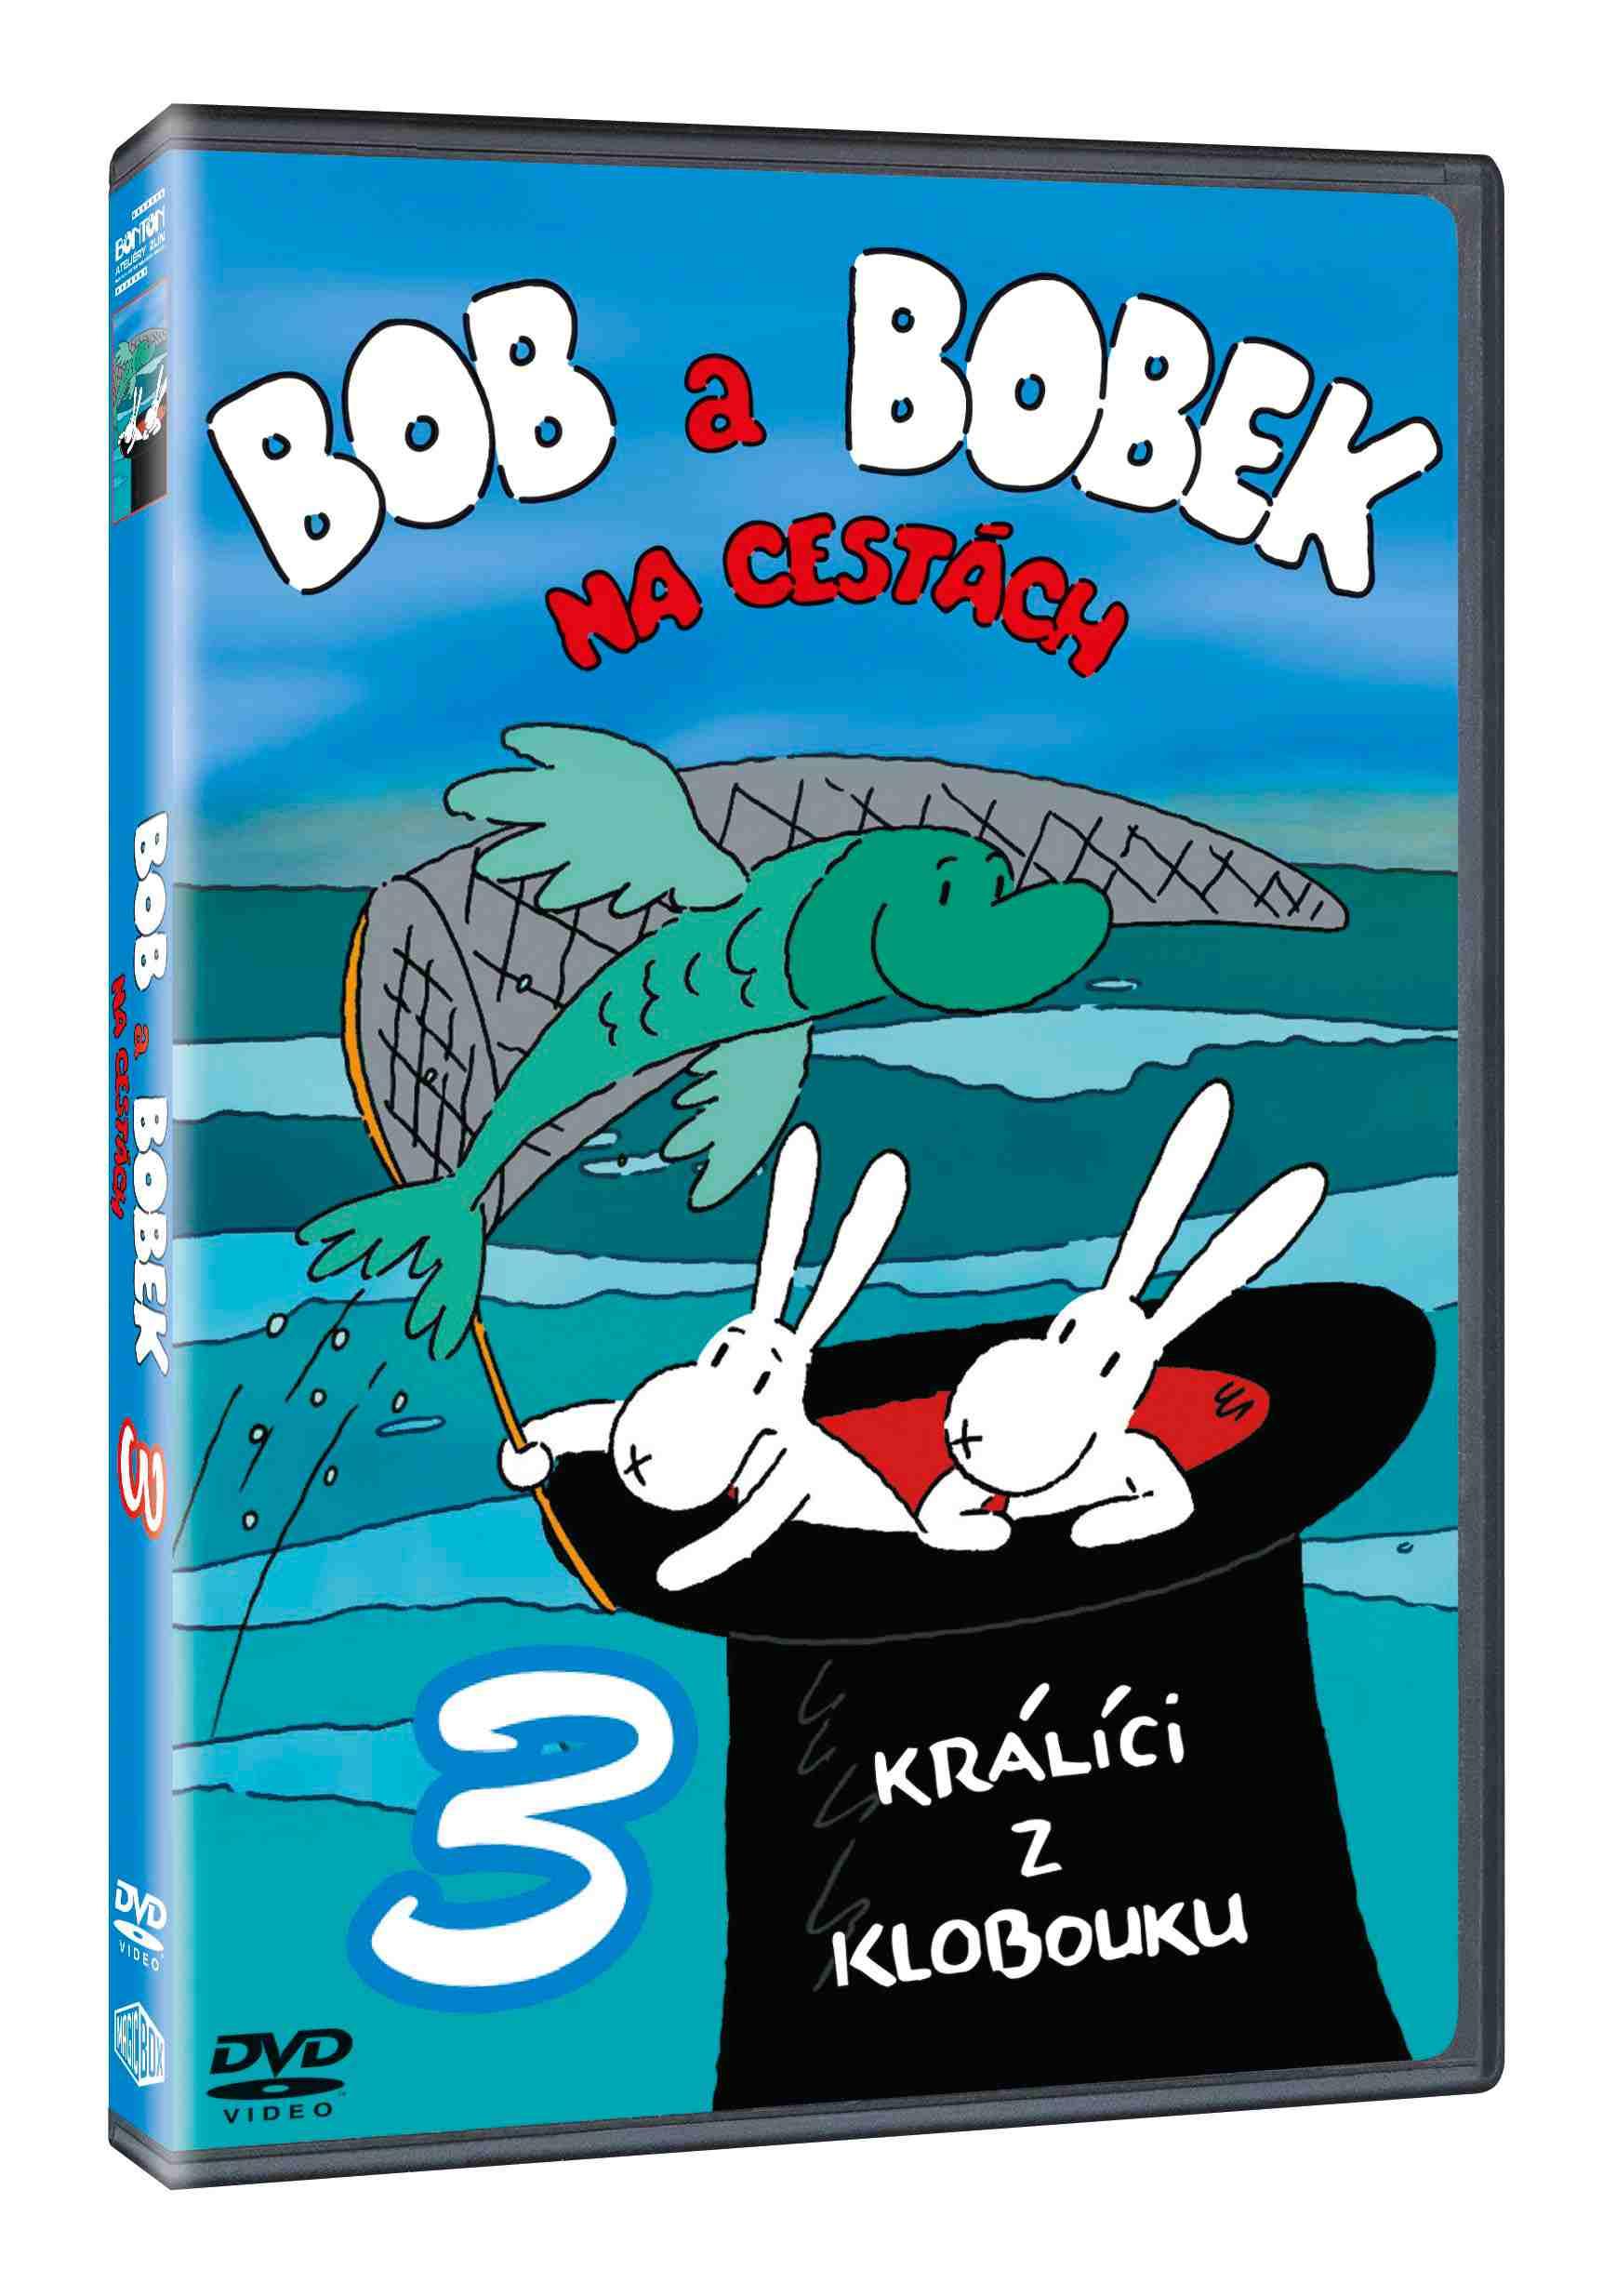 BOB A BOBEK NA CESTÁCH 3 - DVD